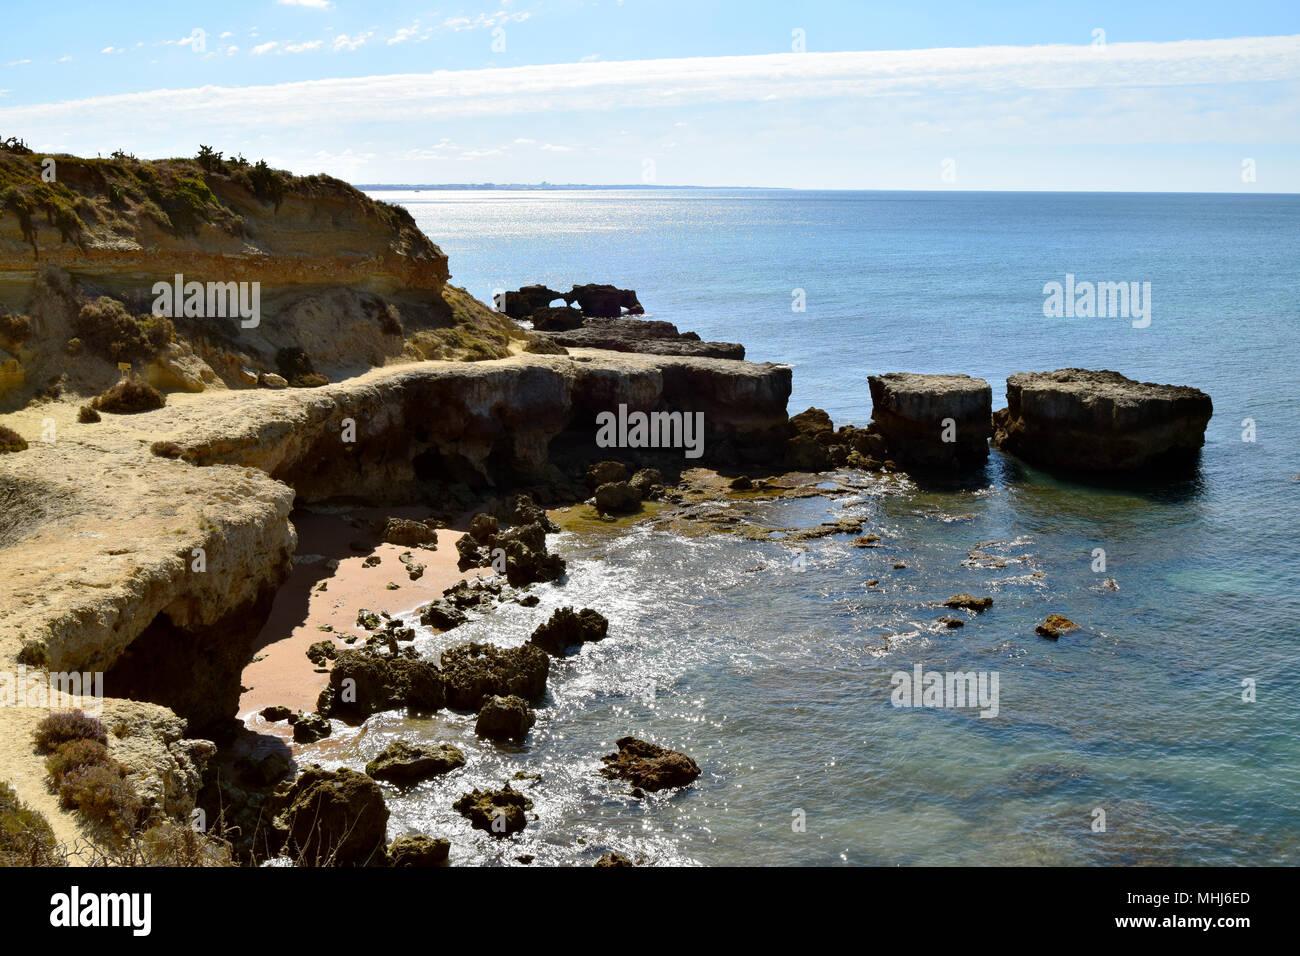 Albufeira sea in Algarve, Portugal - Stock Image